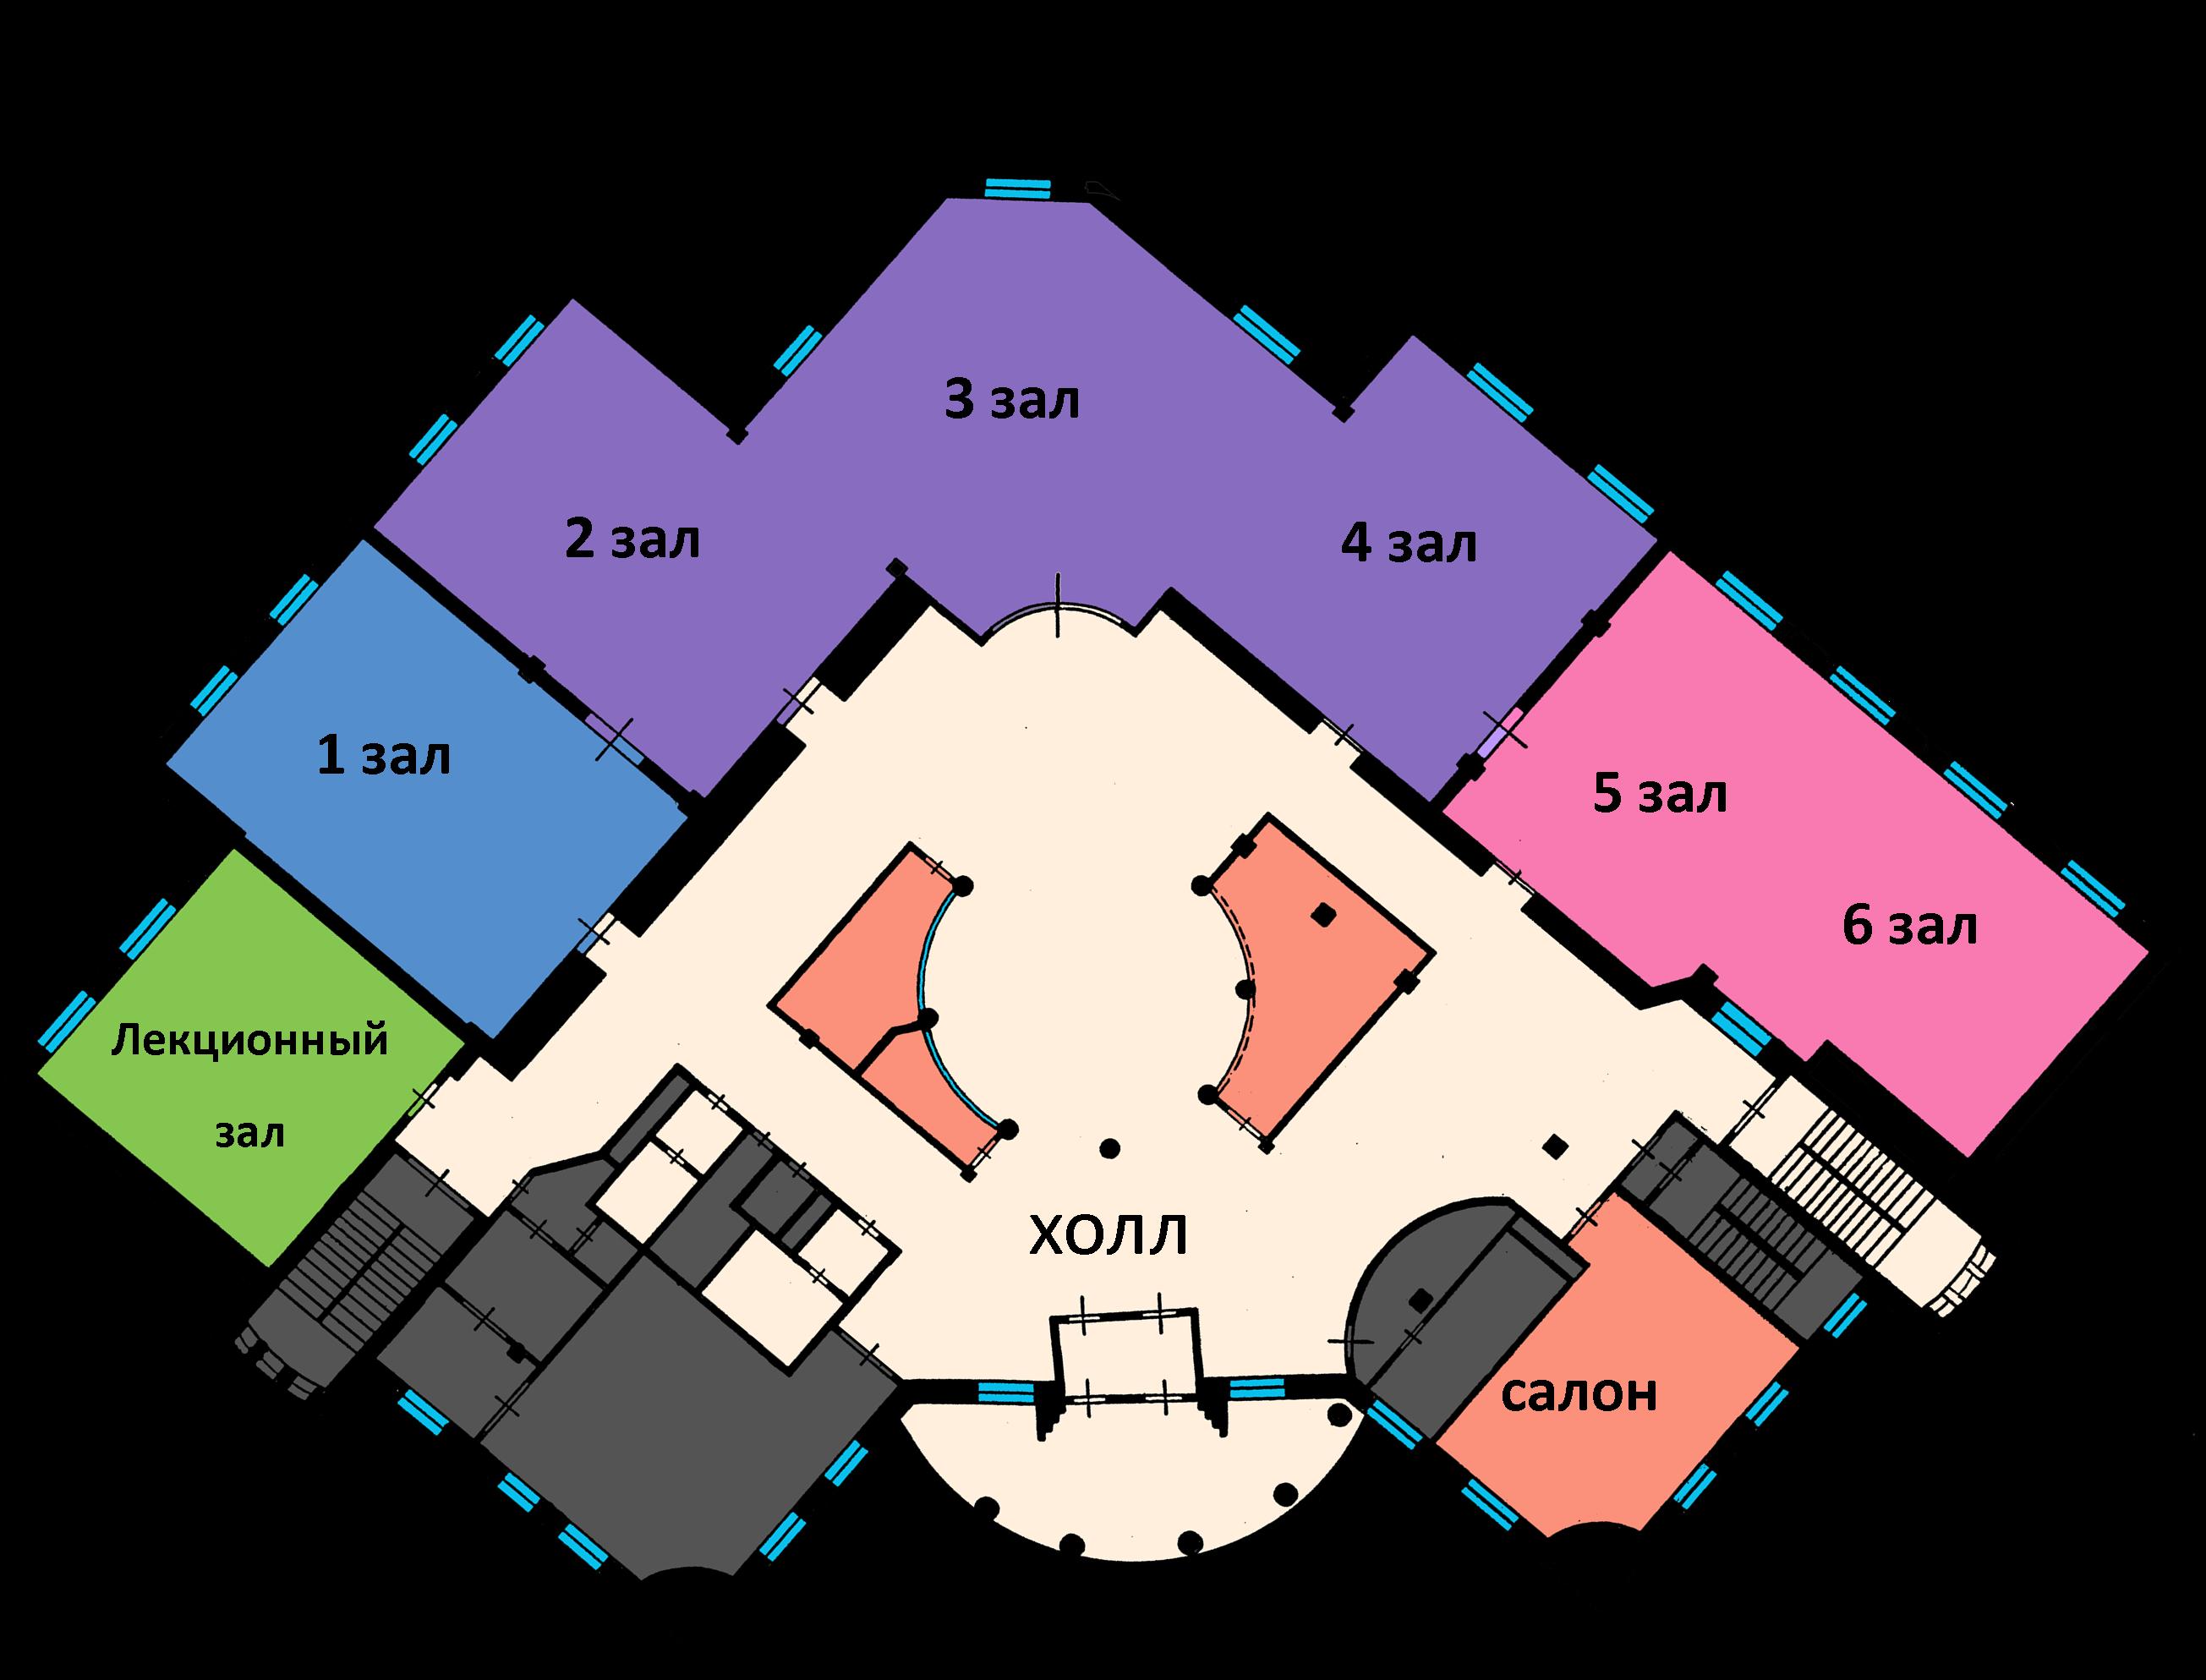 Как сделать планировку зал